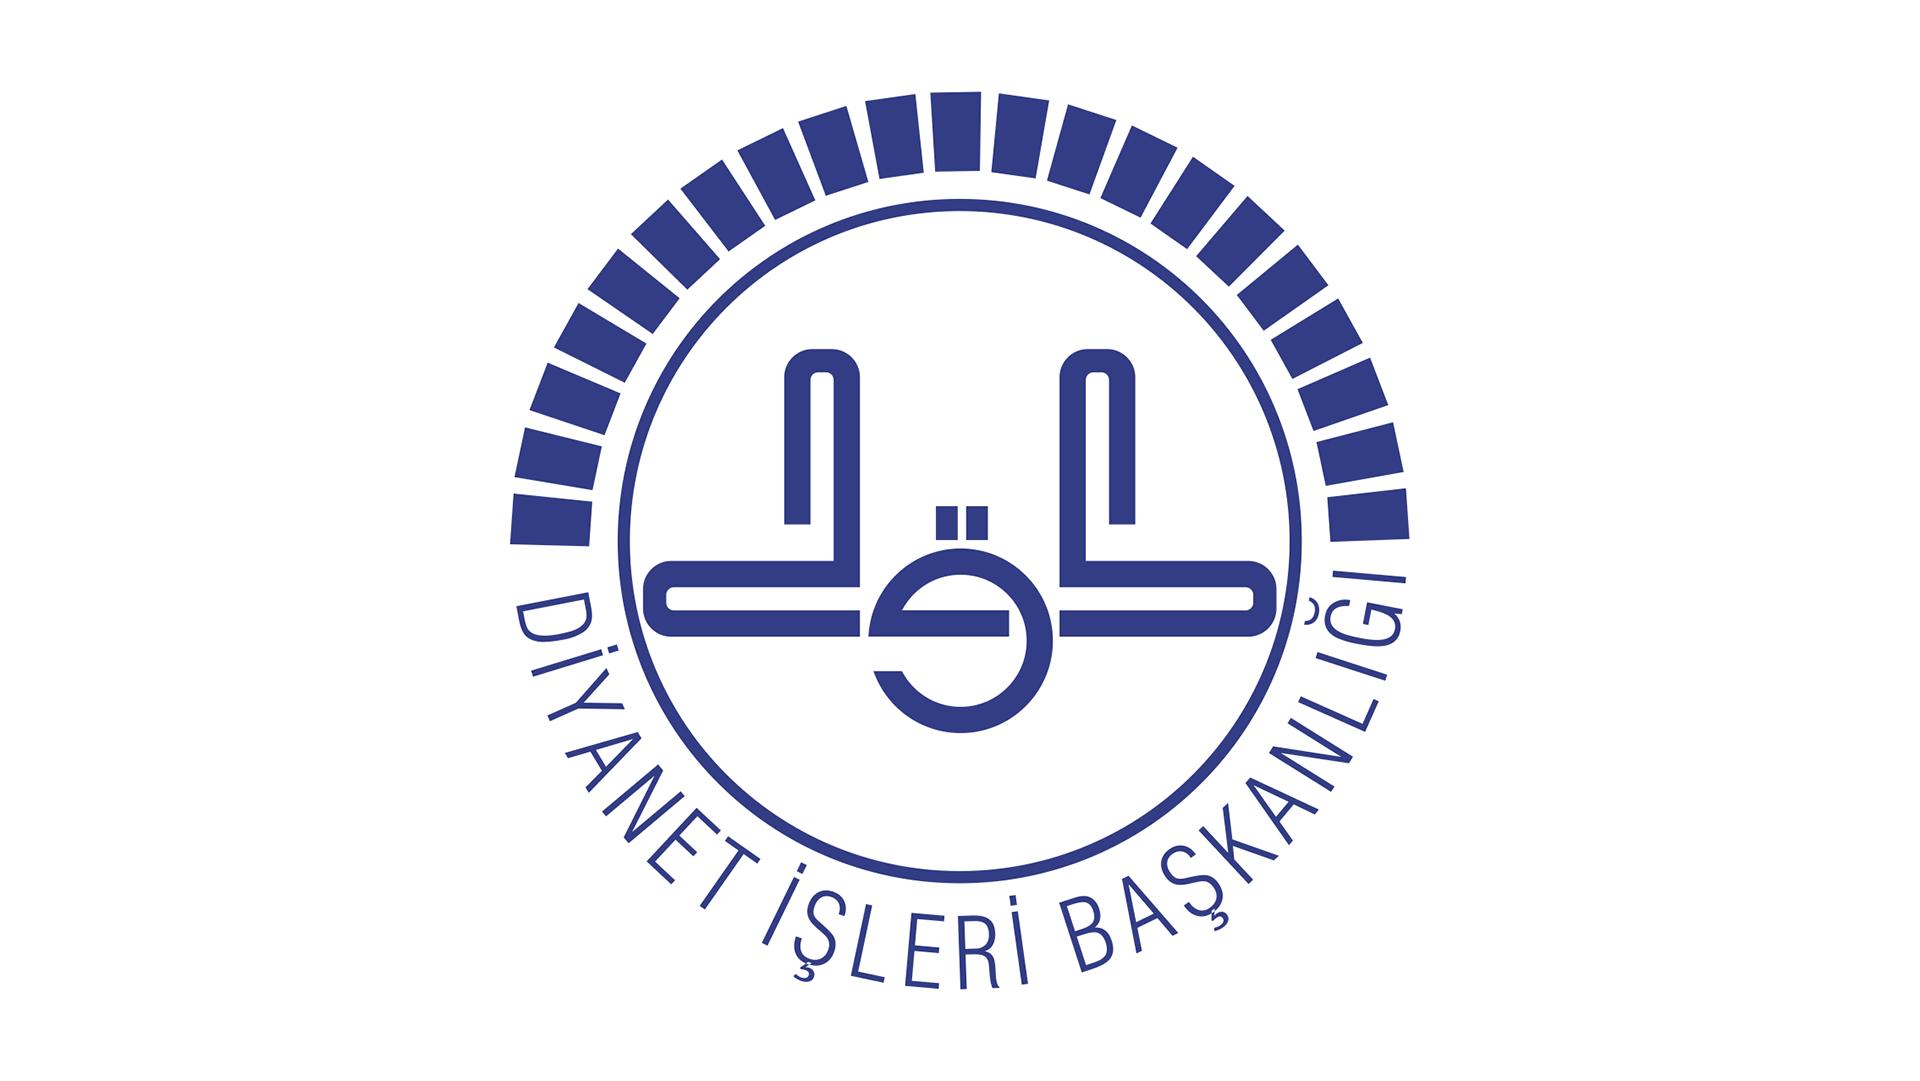 Turken plannen islaminternaat in Houthalen - De Jonge Turken